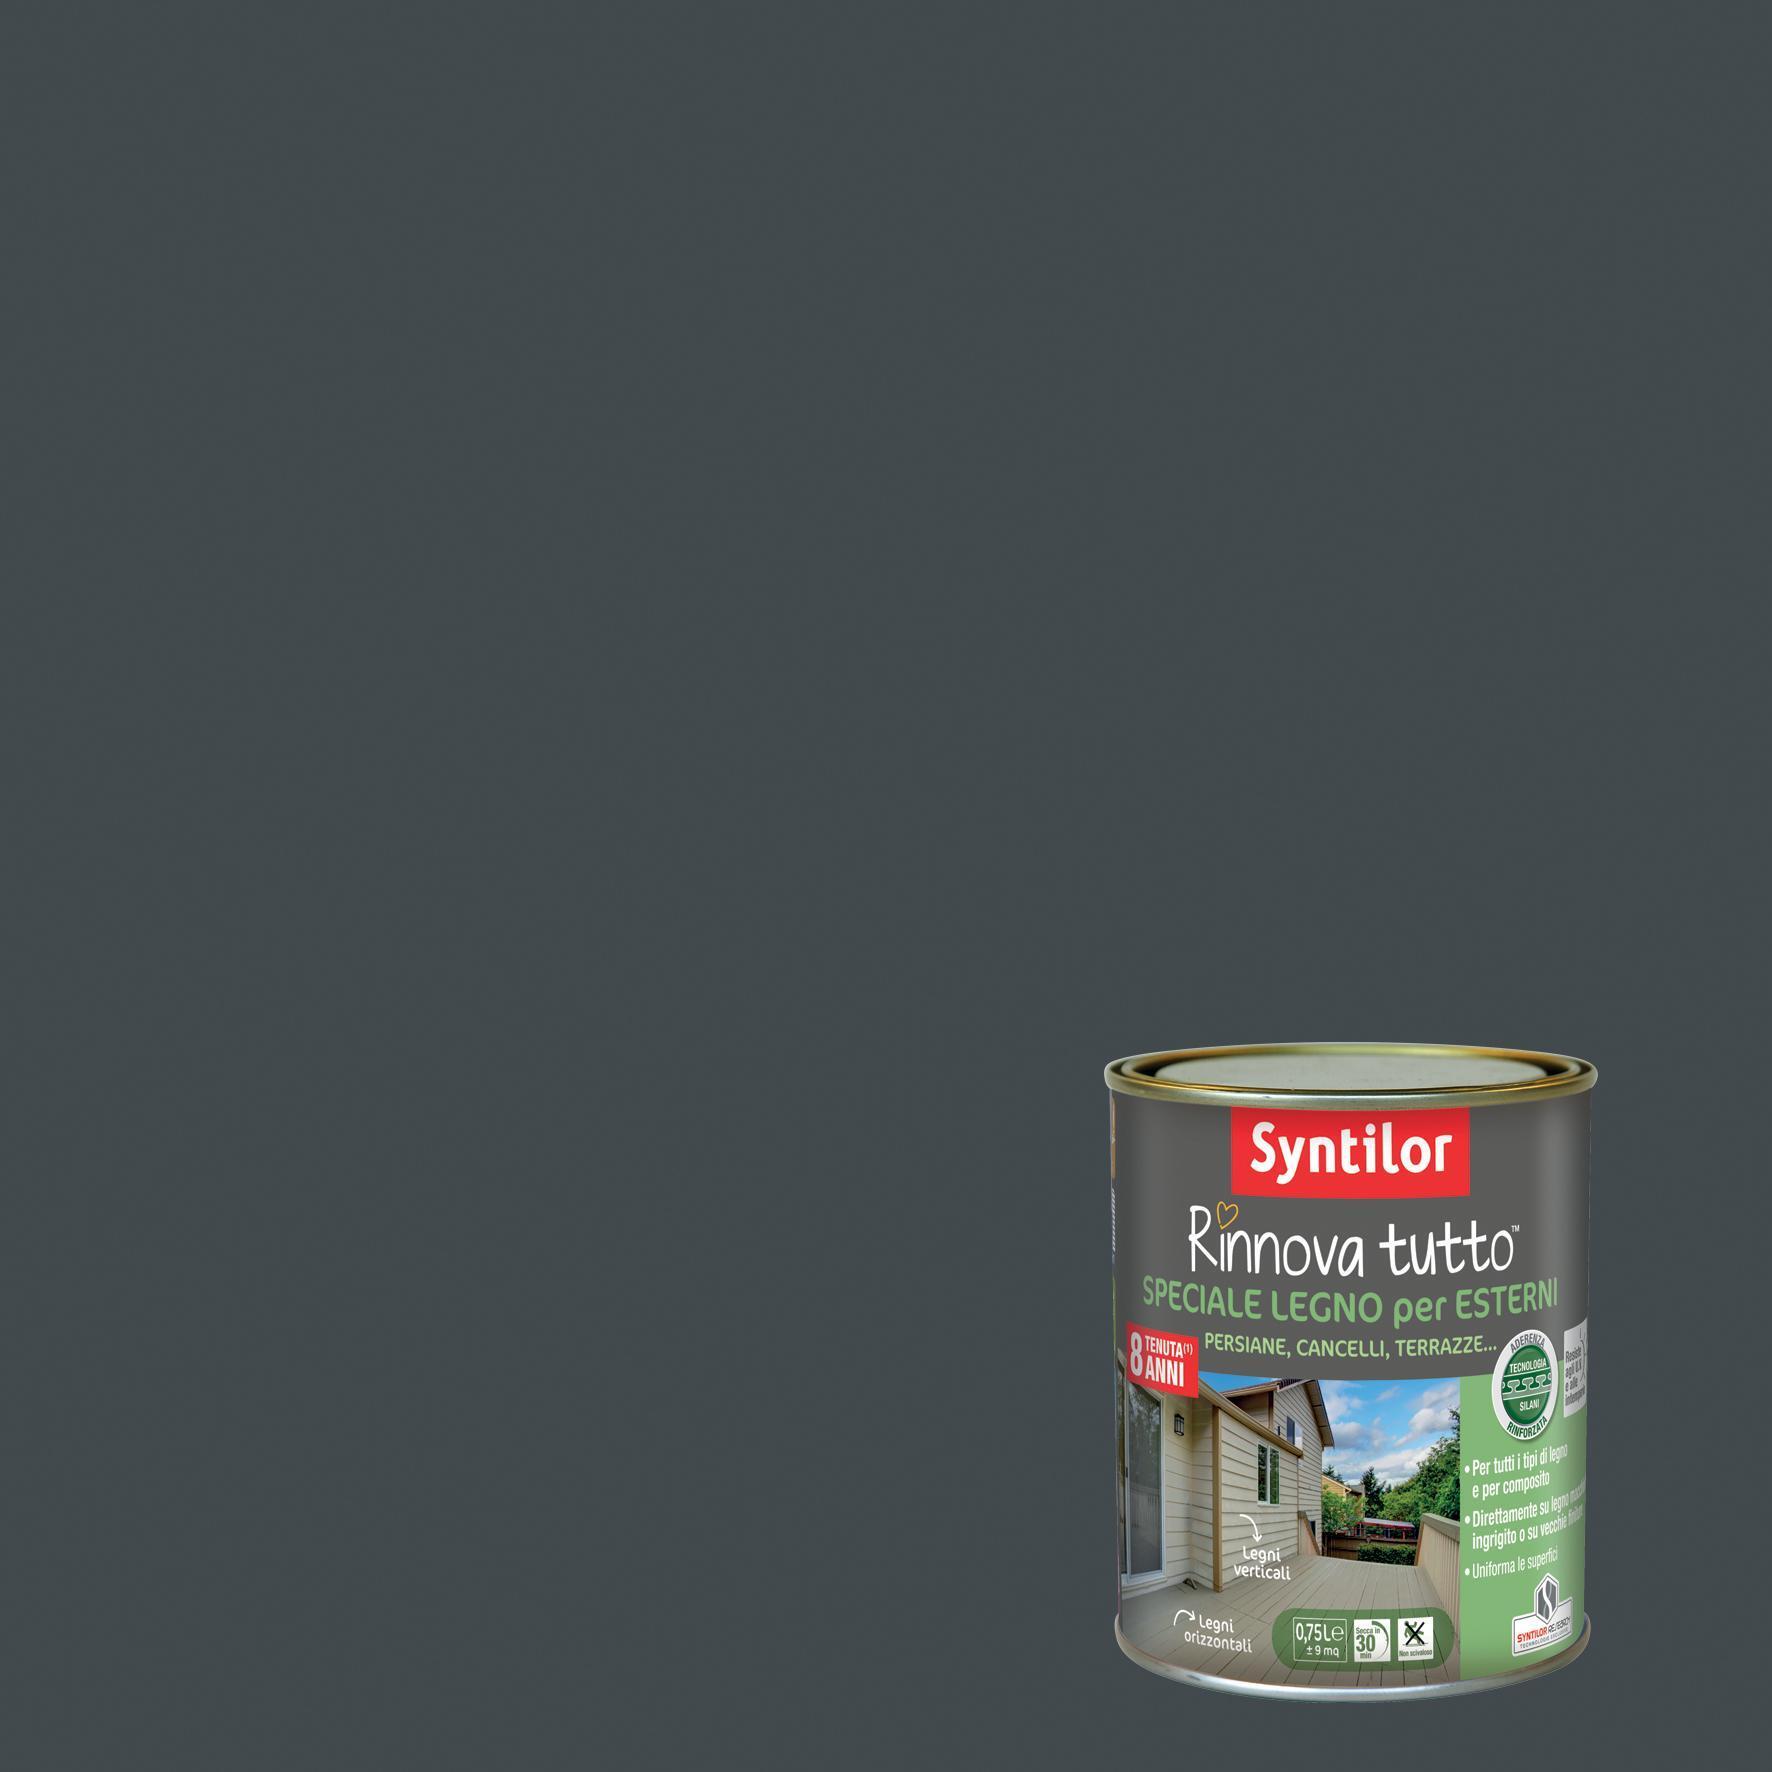 Smalto per legno da esterno base acqua SYNTILOR Rinnova Tutto grigio antracite 2.5 L - 1